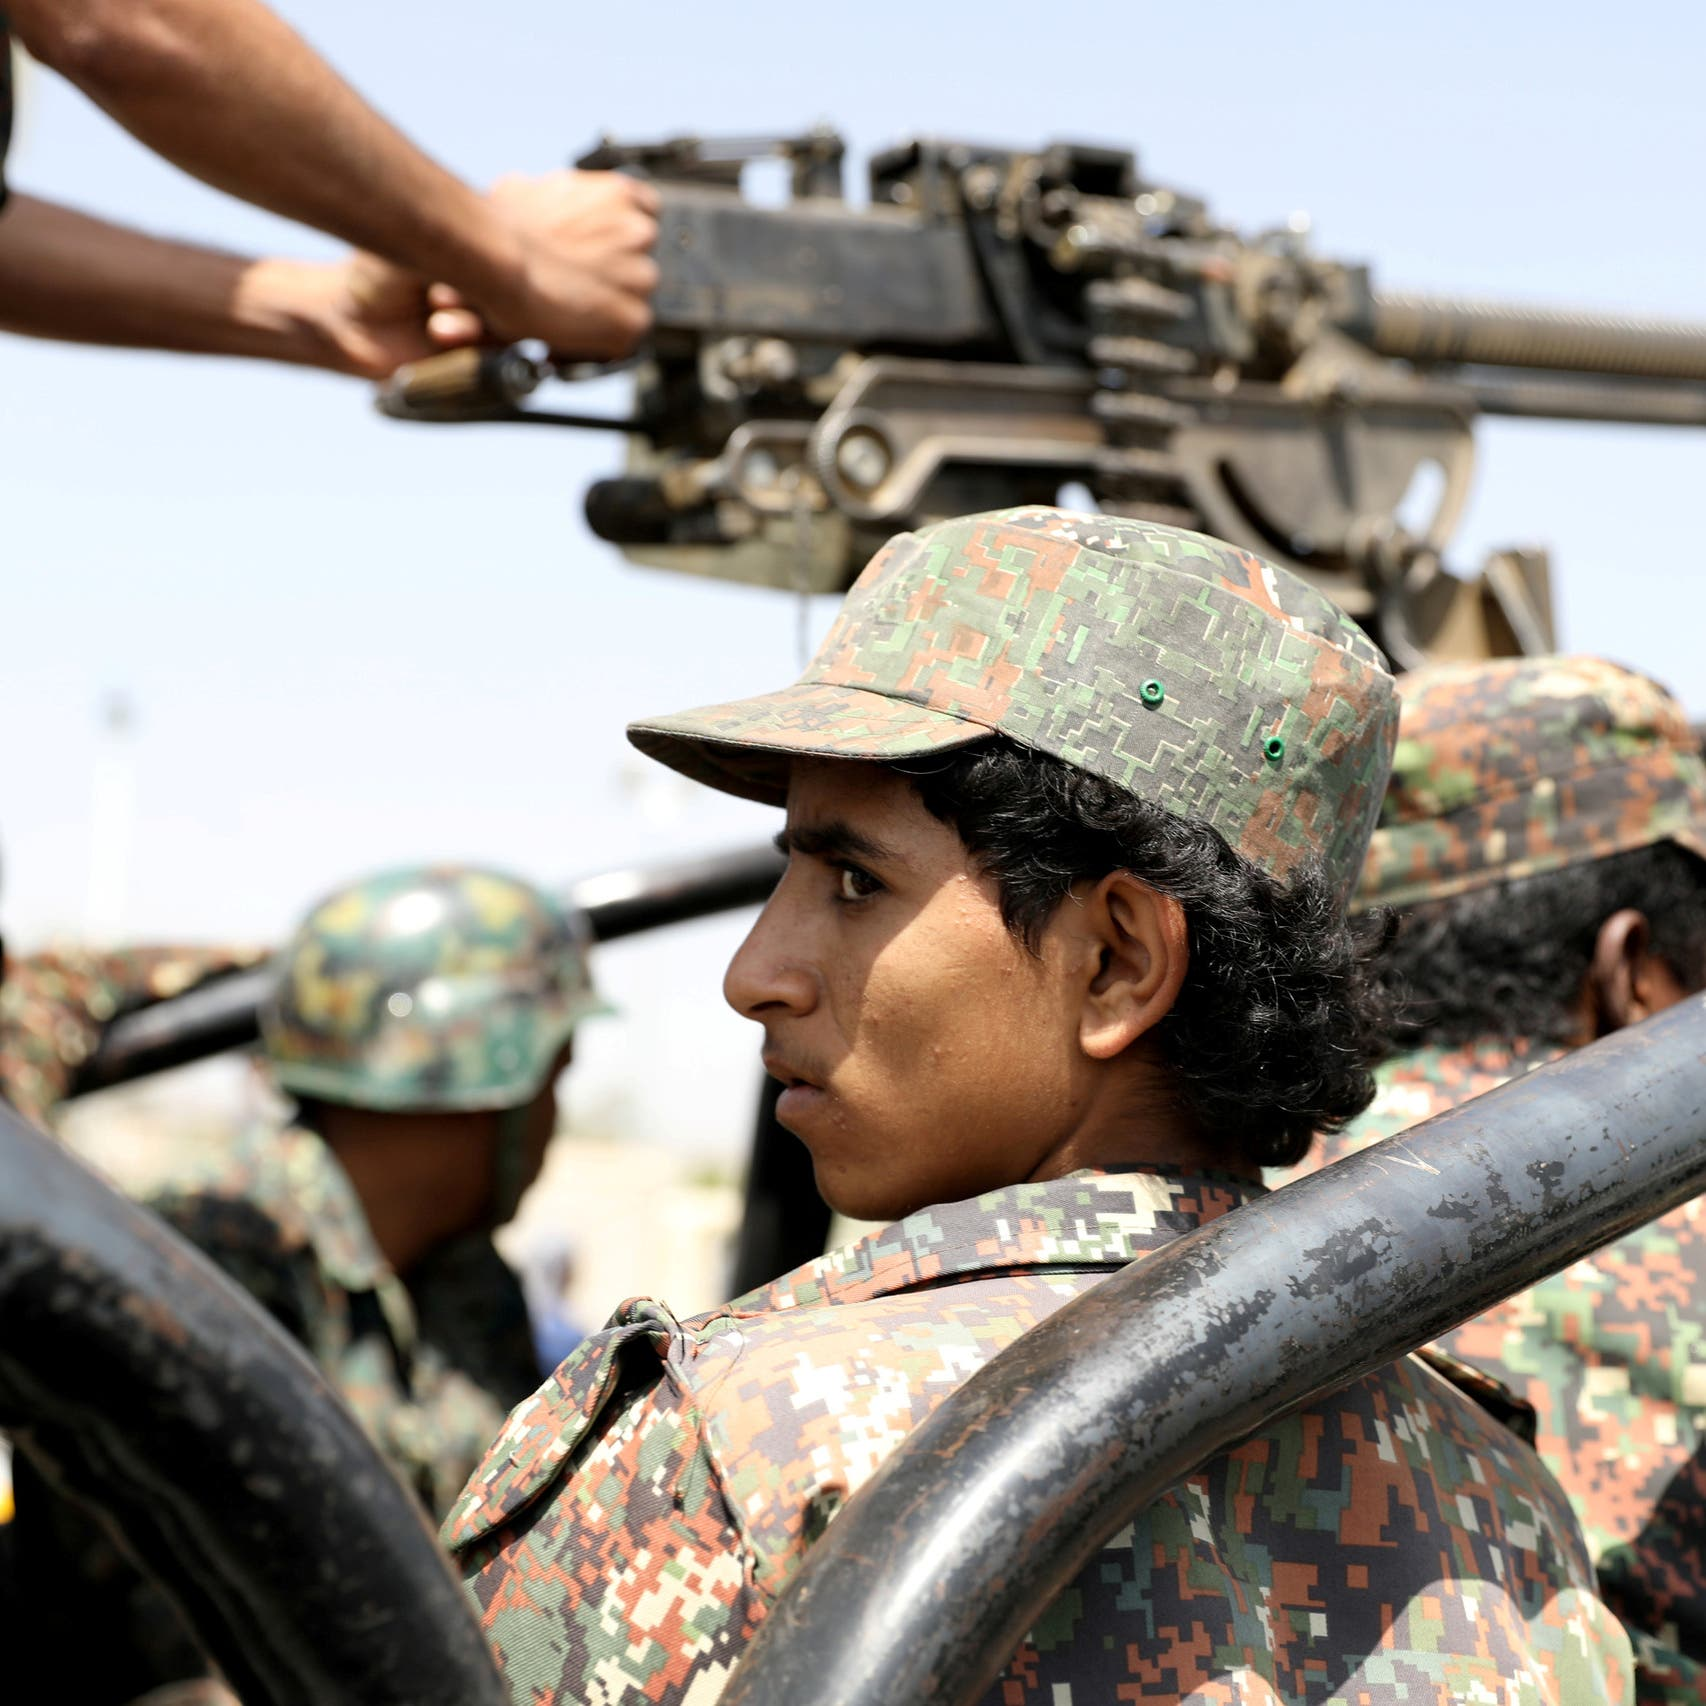 خبراء عسكريون من إيران وحزب الله يصلون إلى صنعاء